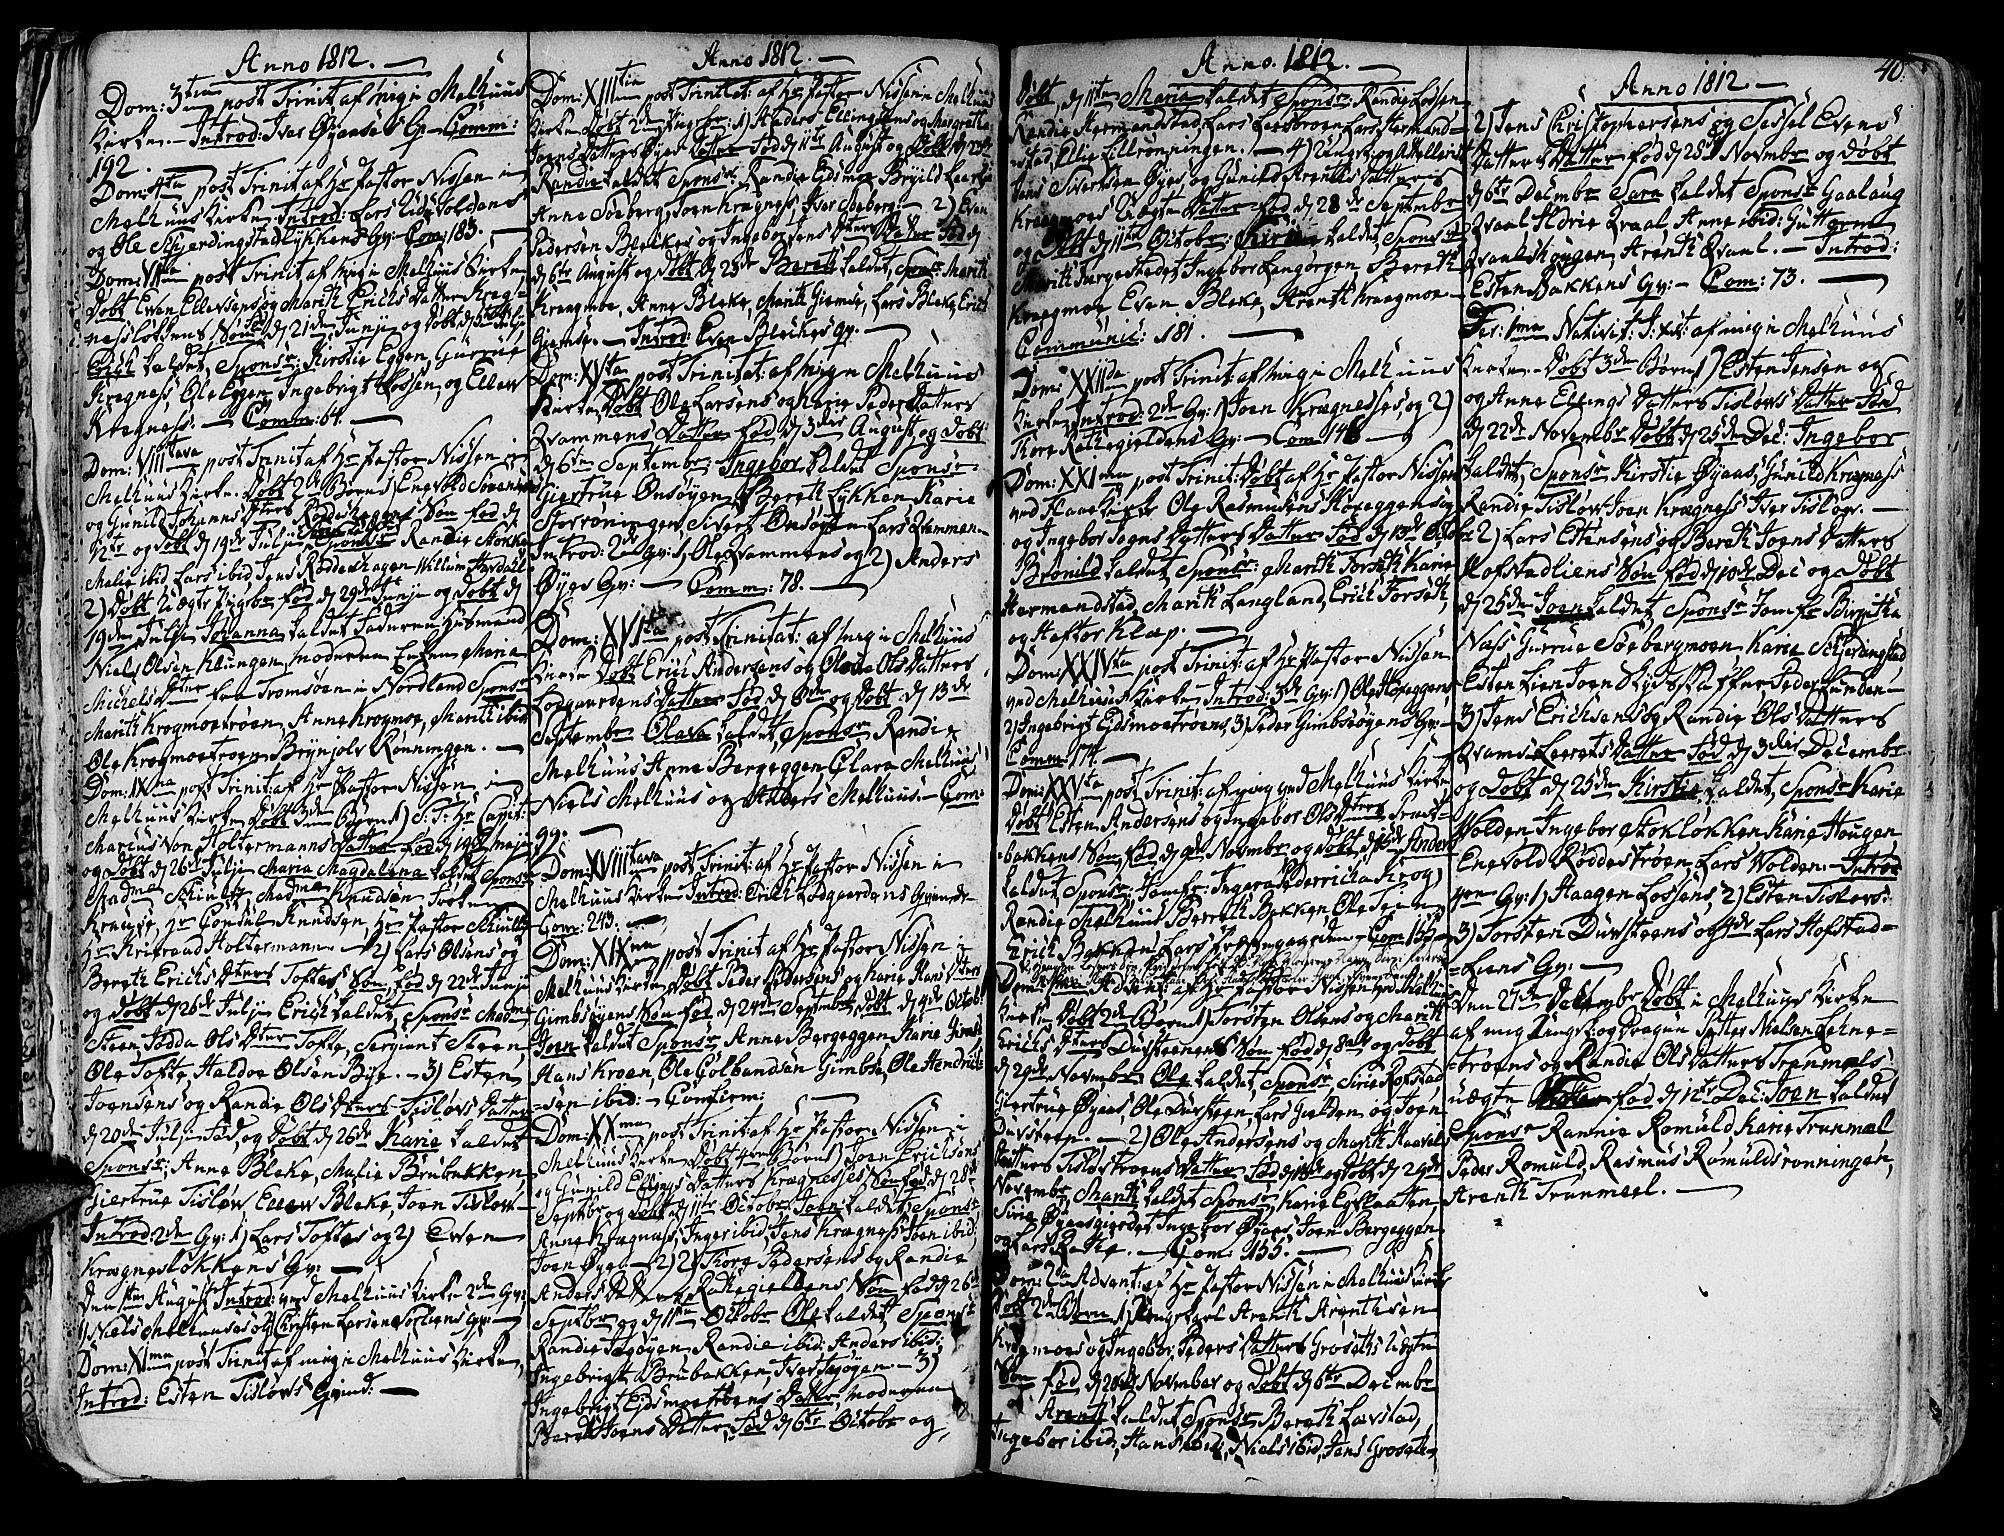 SAT, Ministerialprotokoller, klokkerbøker og fødselsregistre - Sør-Trøndelag, 691/L1061: Ministerialbok nr. 691A02 /1, 1768-1815, s. 40